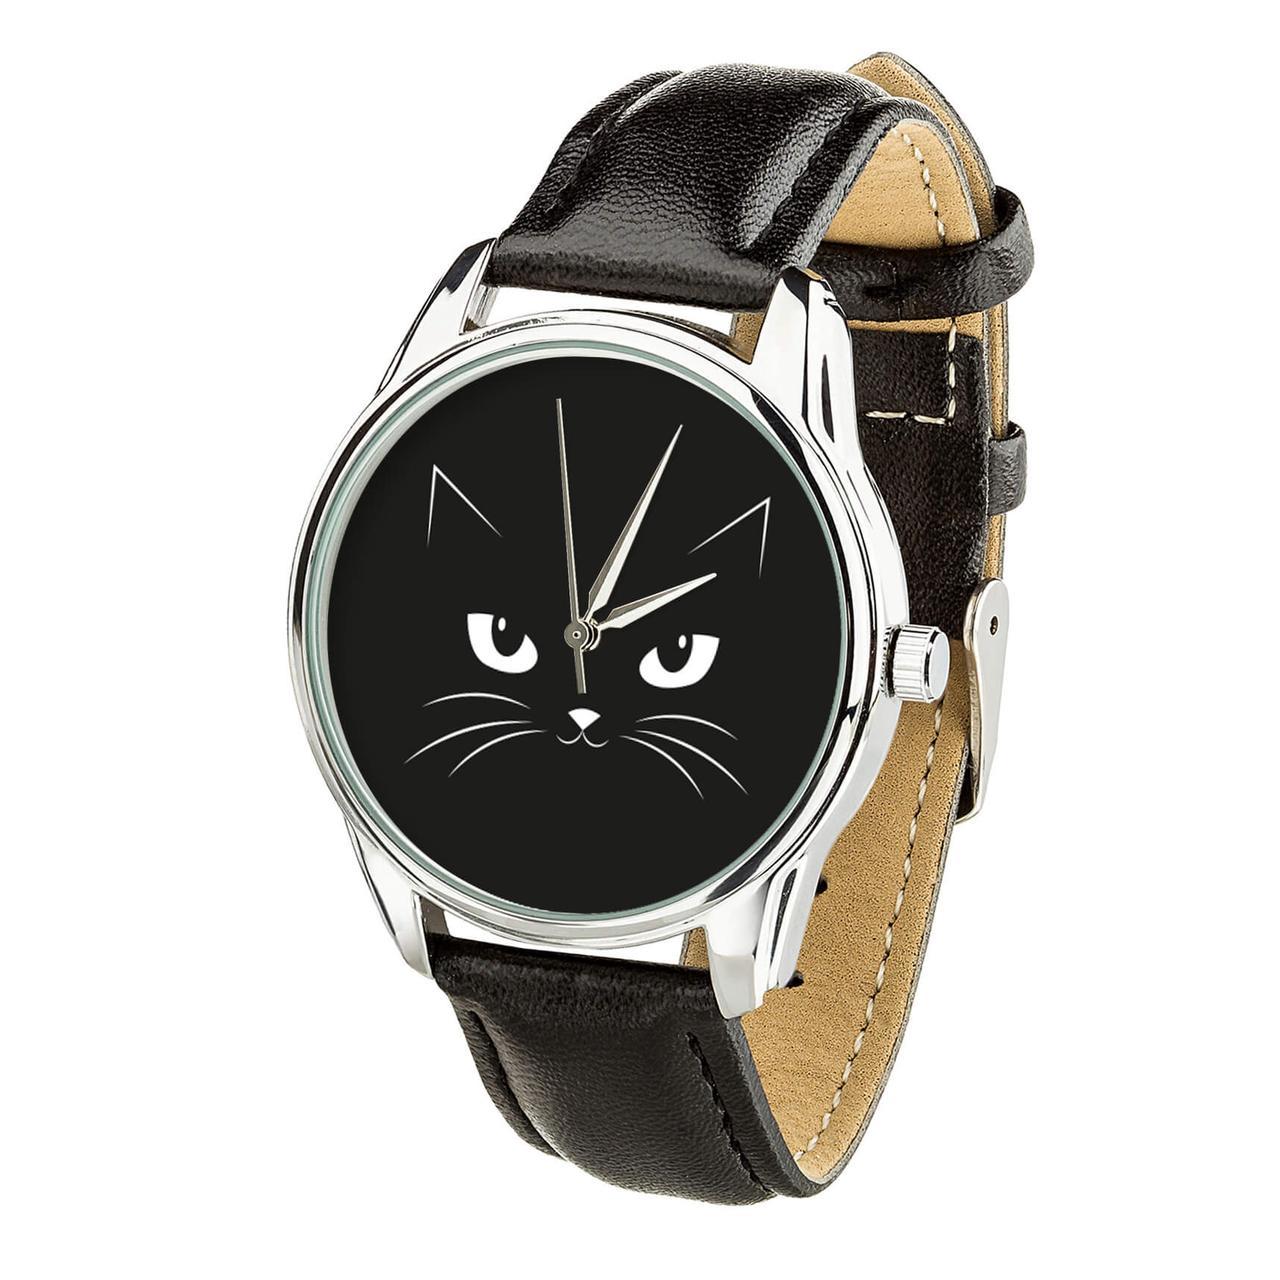 Часы ZIZ Кошачий (ремешок насыщенно - черный, серебро) + дополнительный ремешок